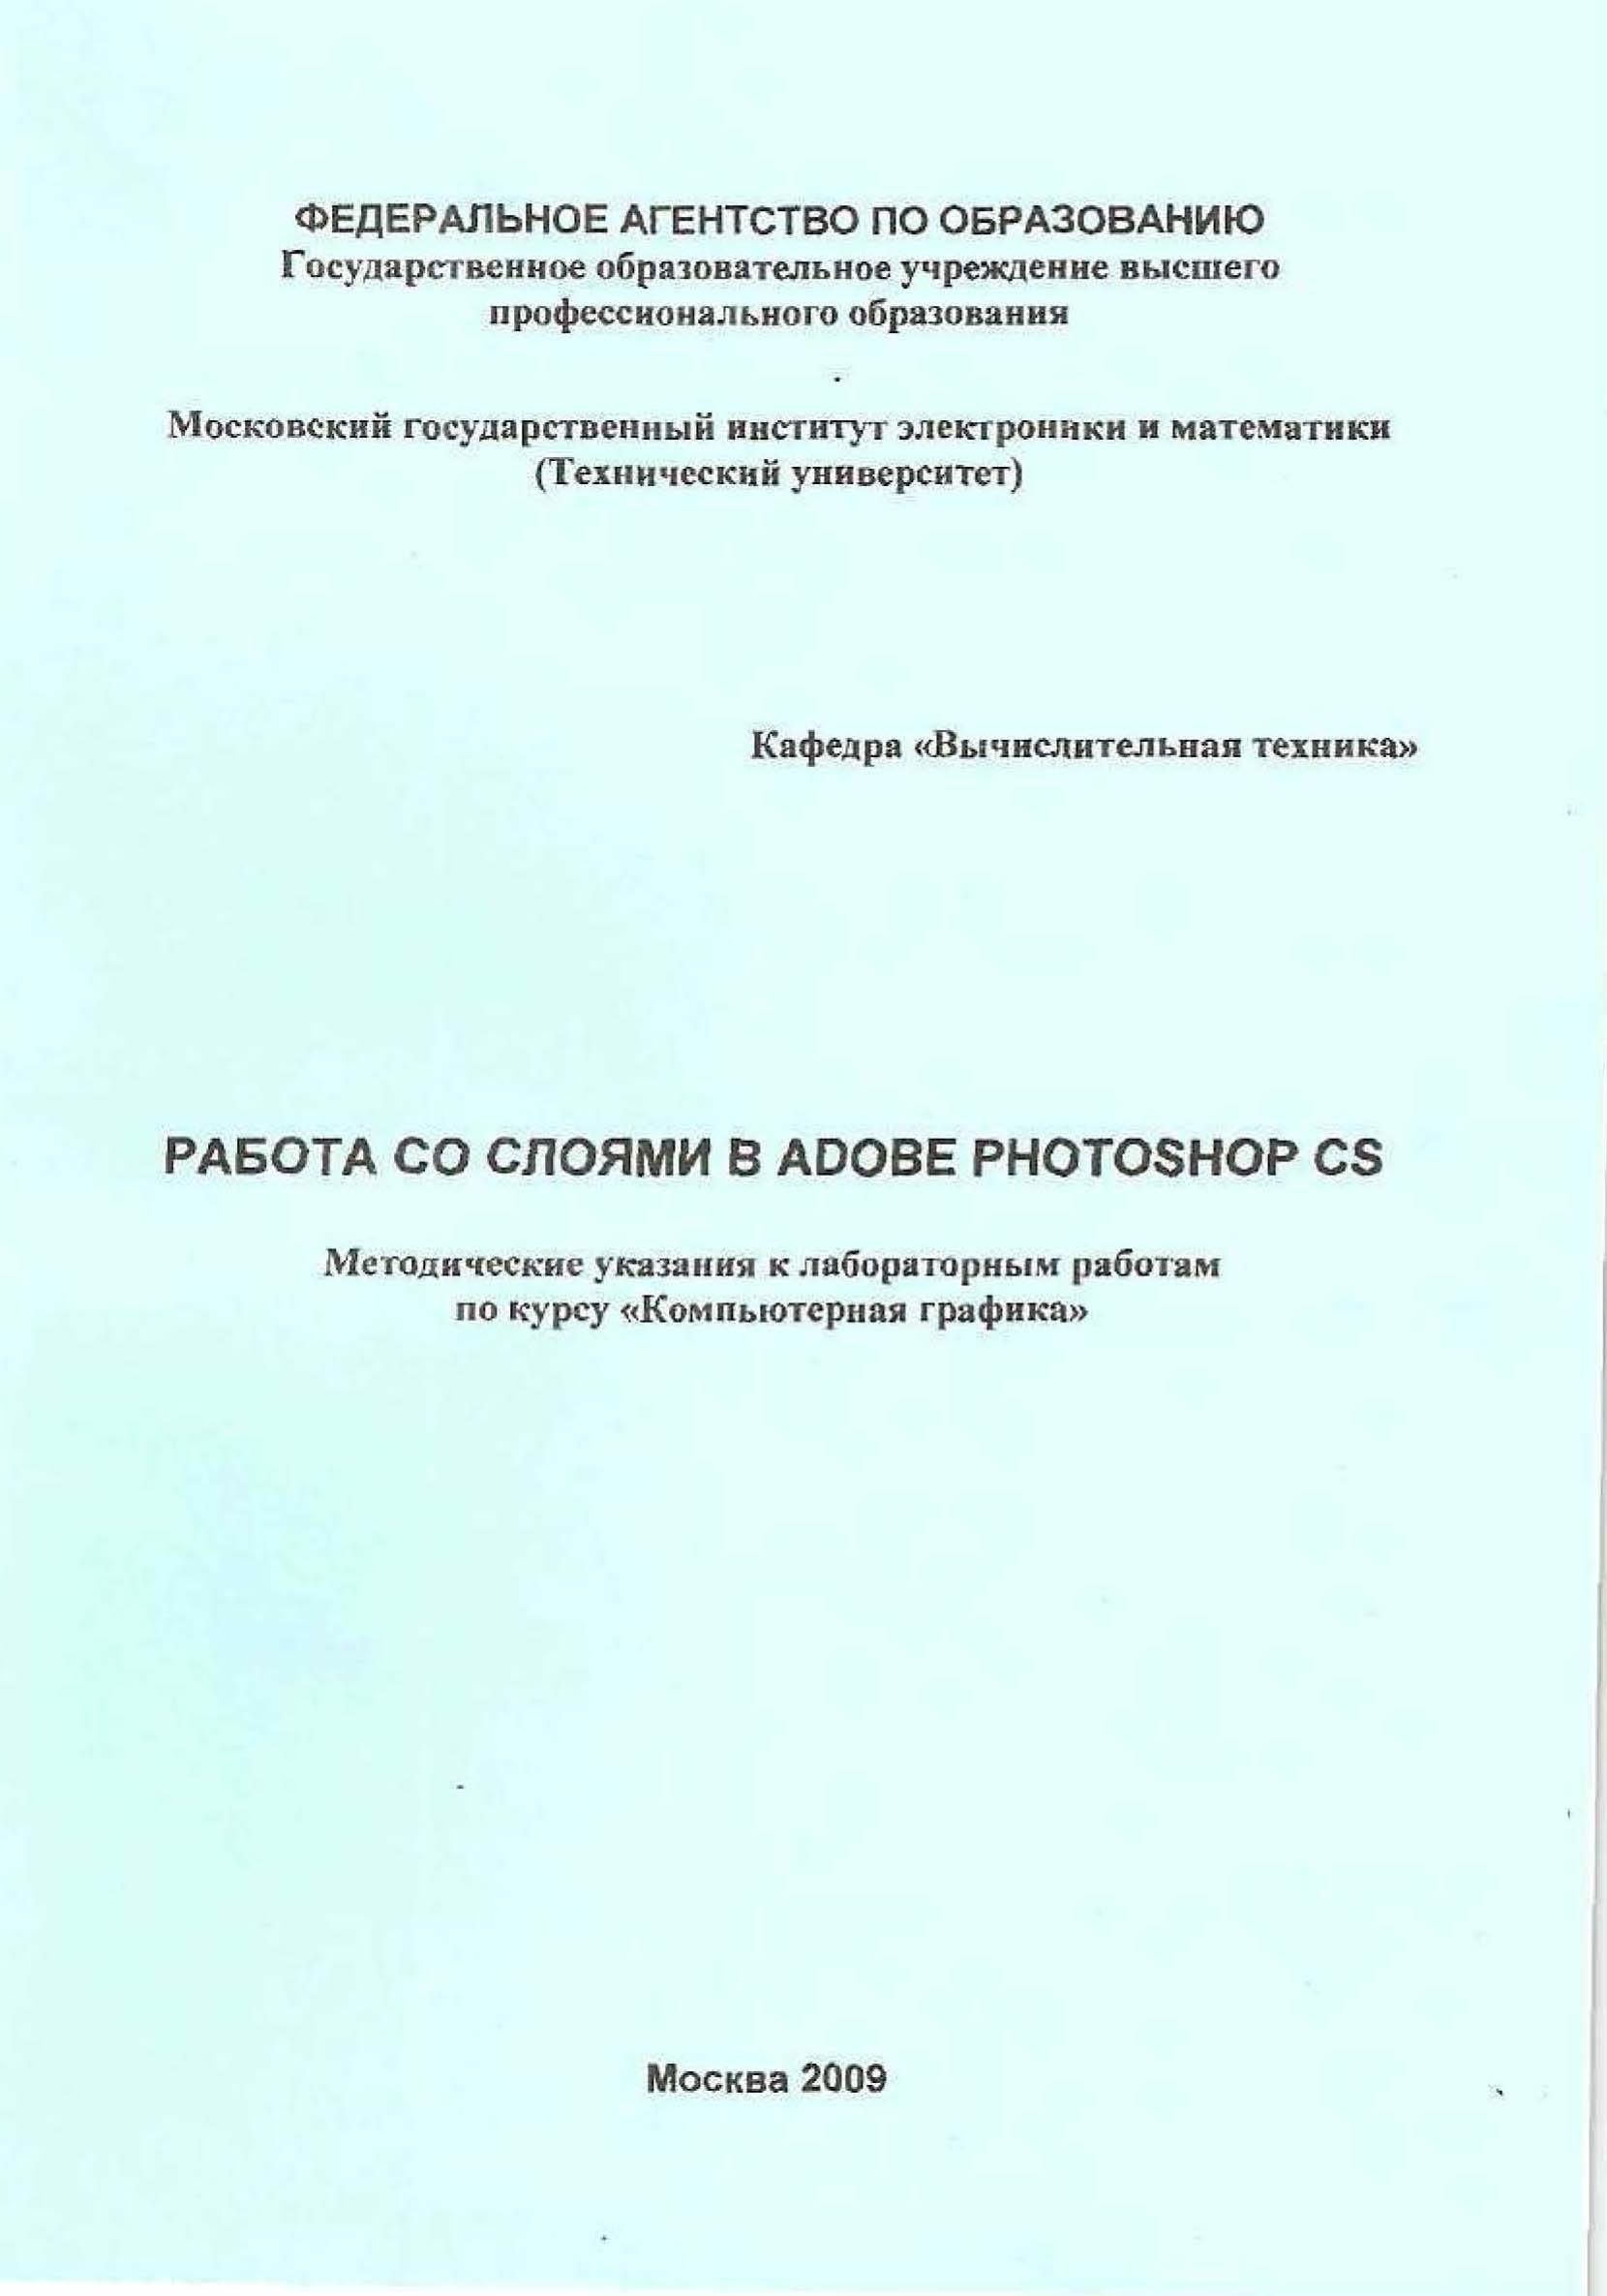 """Работа со слоями в Adobe Photoshop CS"""". Методические указания к лабораторным работам по курсу """"Компьютерная графика"""""""